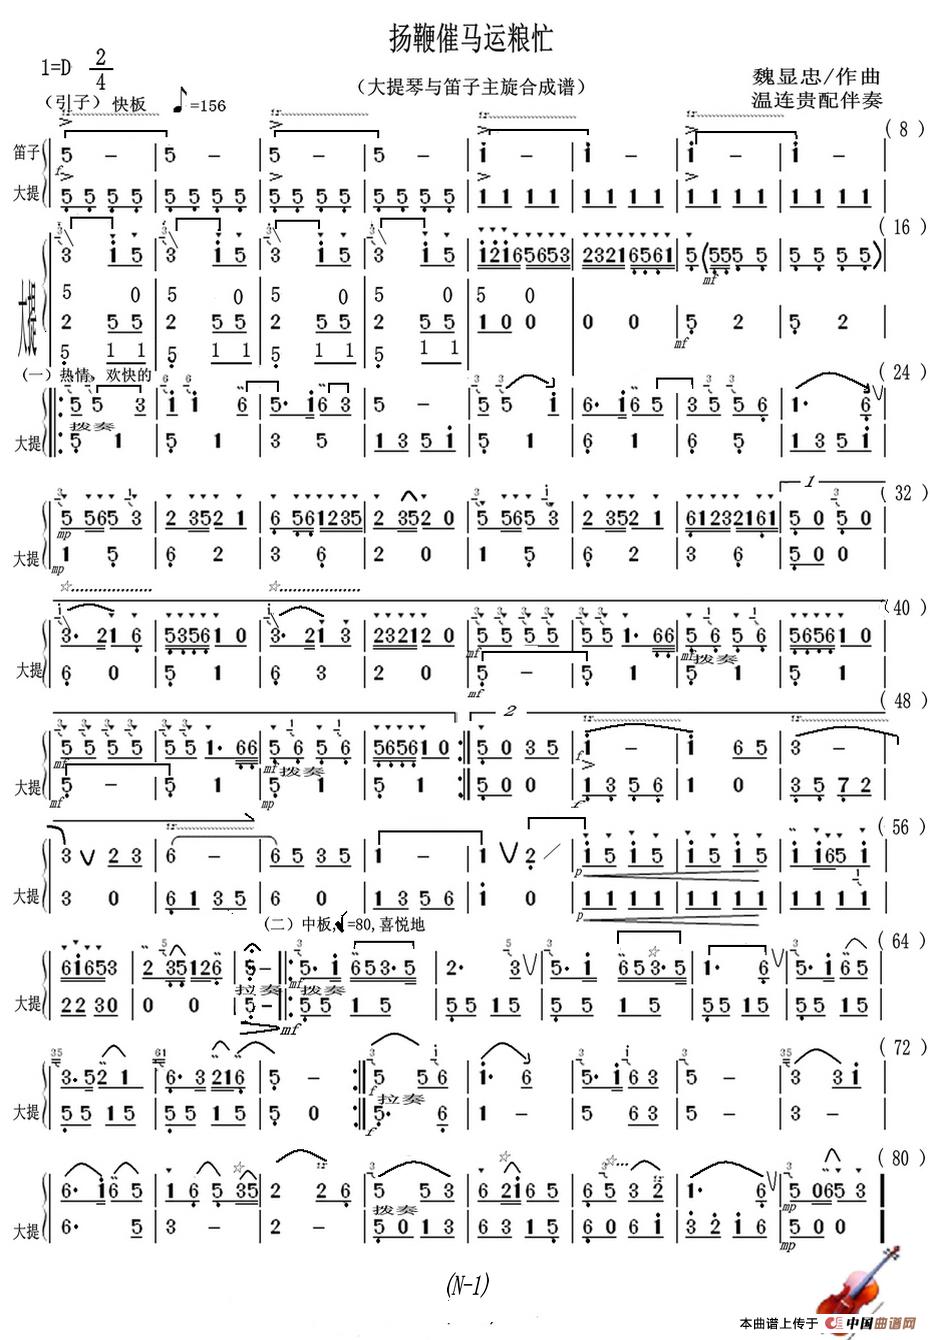 曲谱 扬鞭催马运粮忙 大提琴与笛子主旋合成谱 -扬鞭催马运粮忙 大提